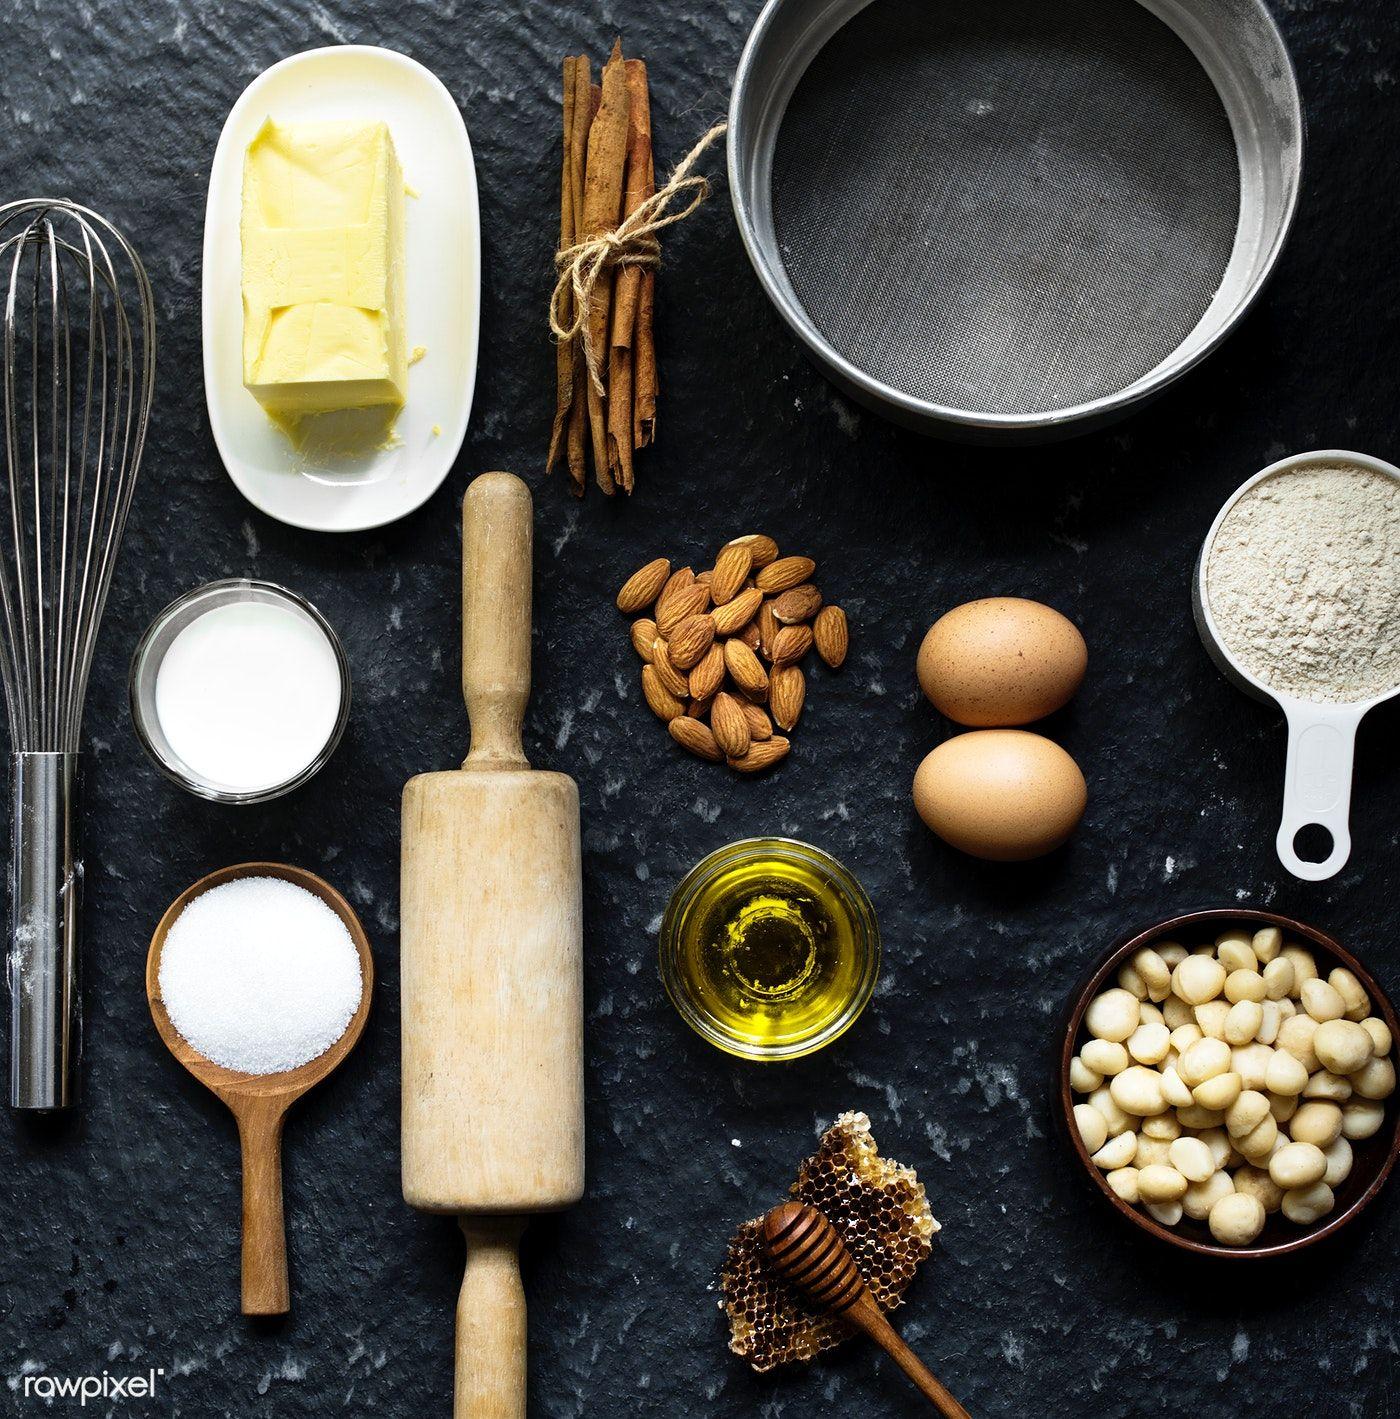 Download Premium Image Of Bakery Ingredients 94924 Ingredients Photography Baking Photography Food Photography Cake